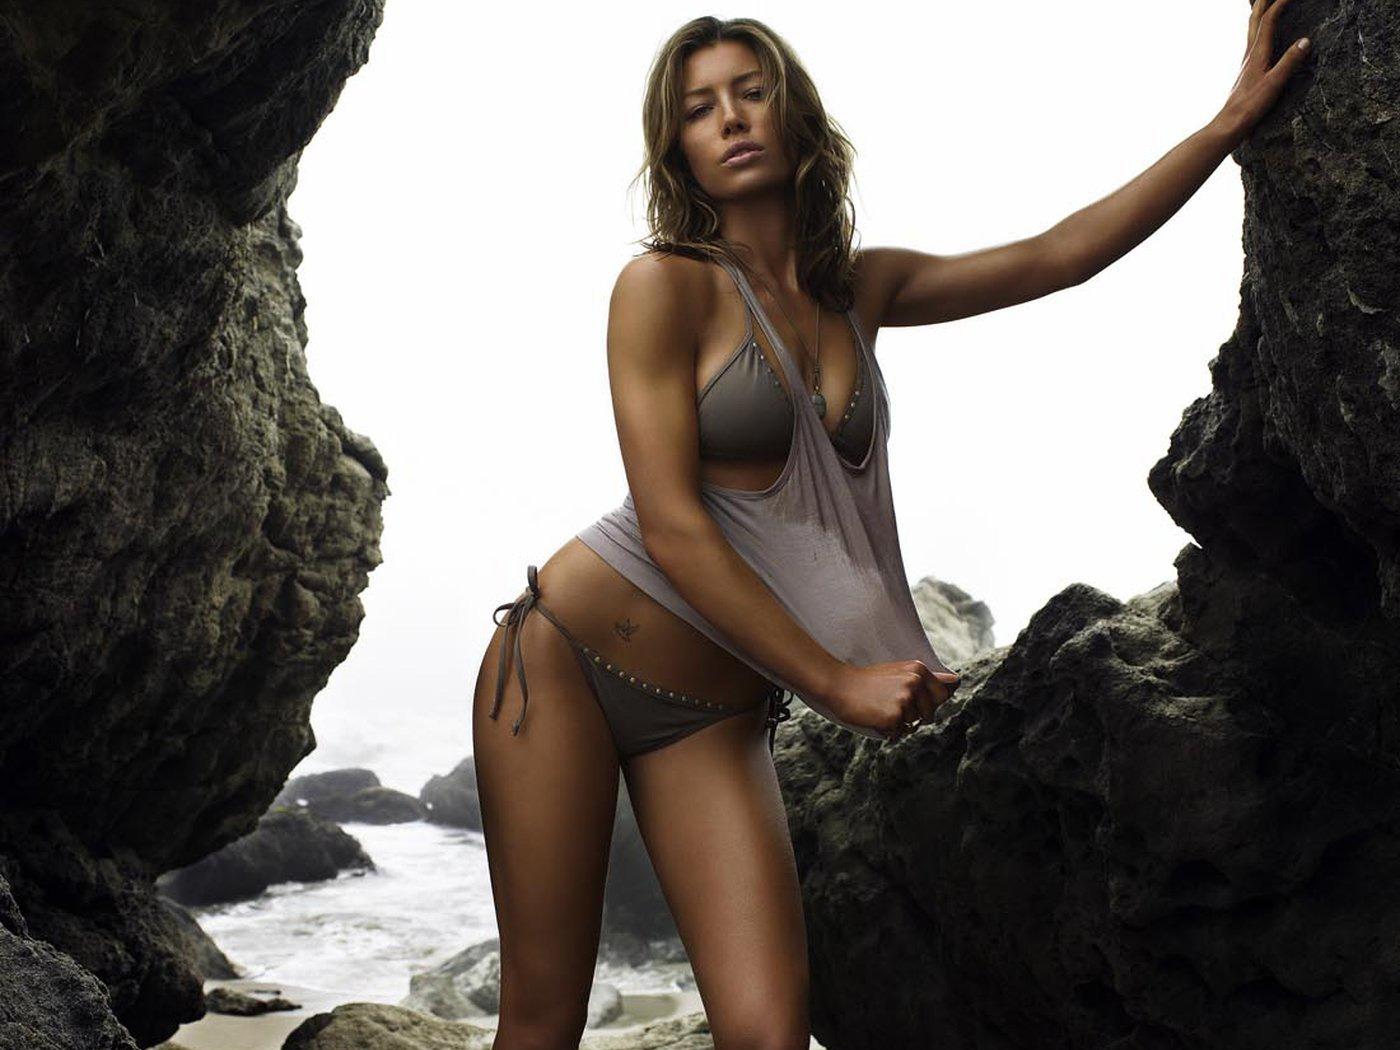 http://3.bp.blogspot.com/--Jl2SPIhtus/UIZj5wXANpI/AAAAAAAAZig/h5AaYCkF8kc/s1600/Jessica+Biel+Hot+HD+Wallpaper+2012+04.jpg